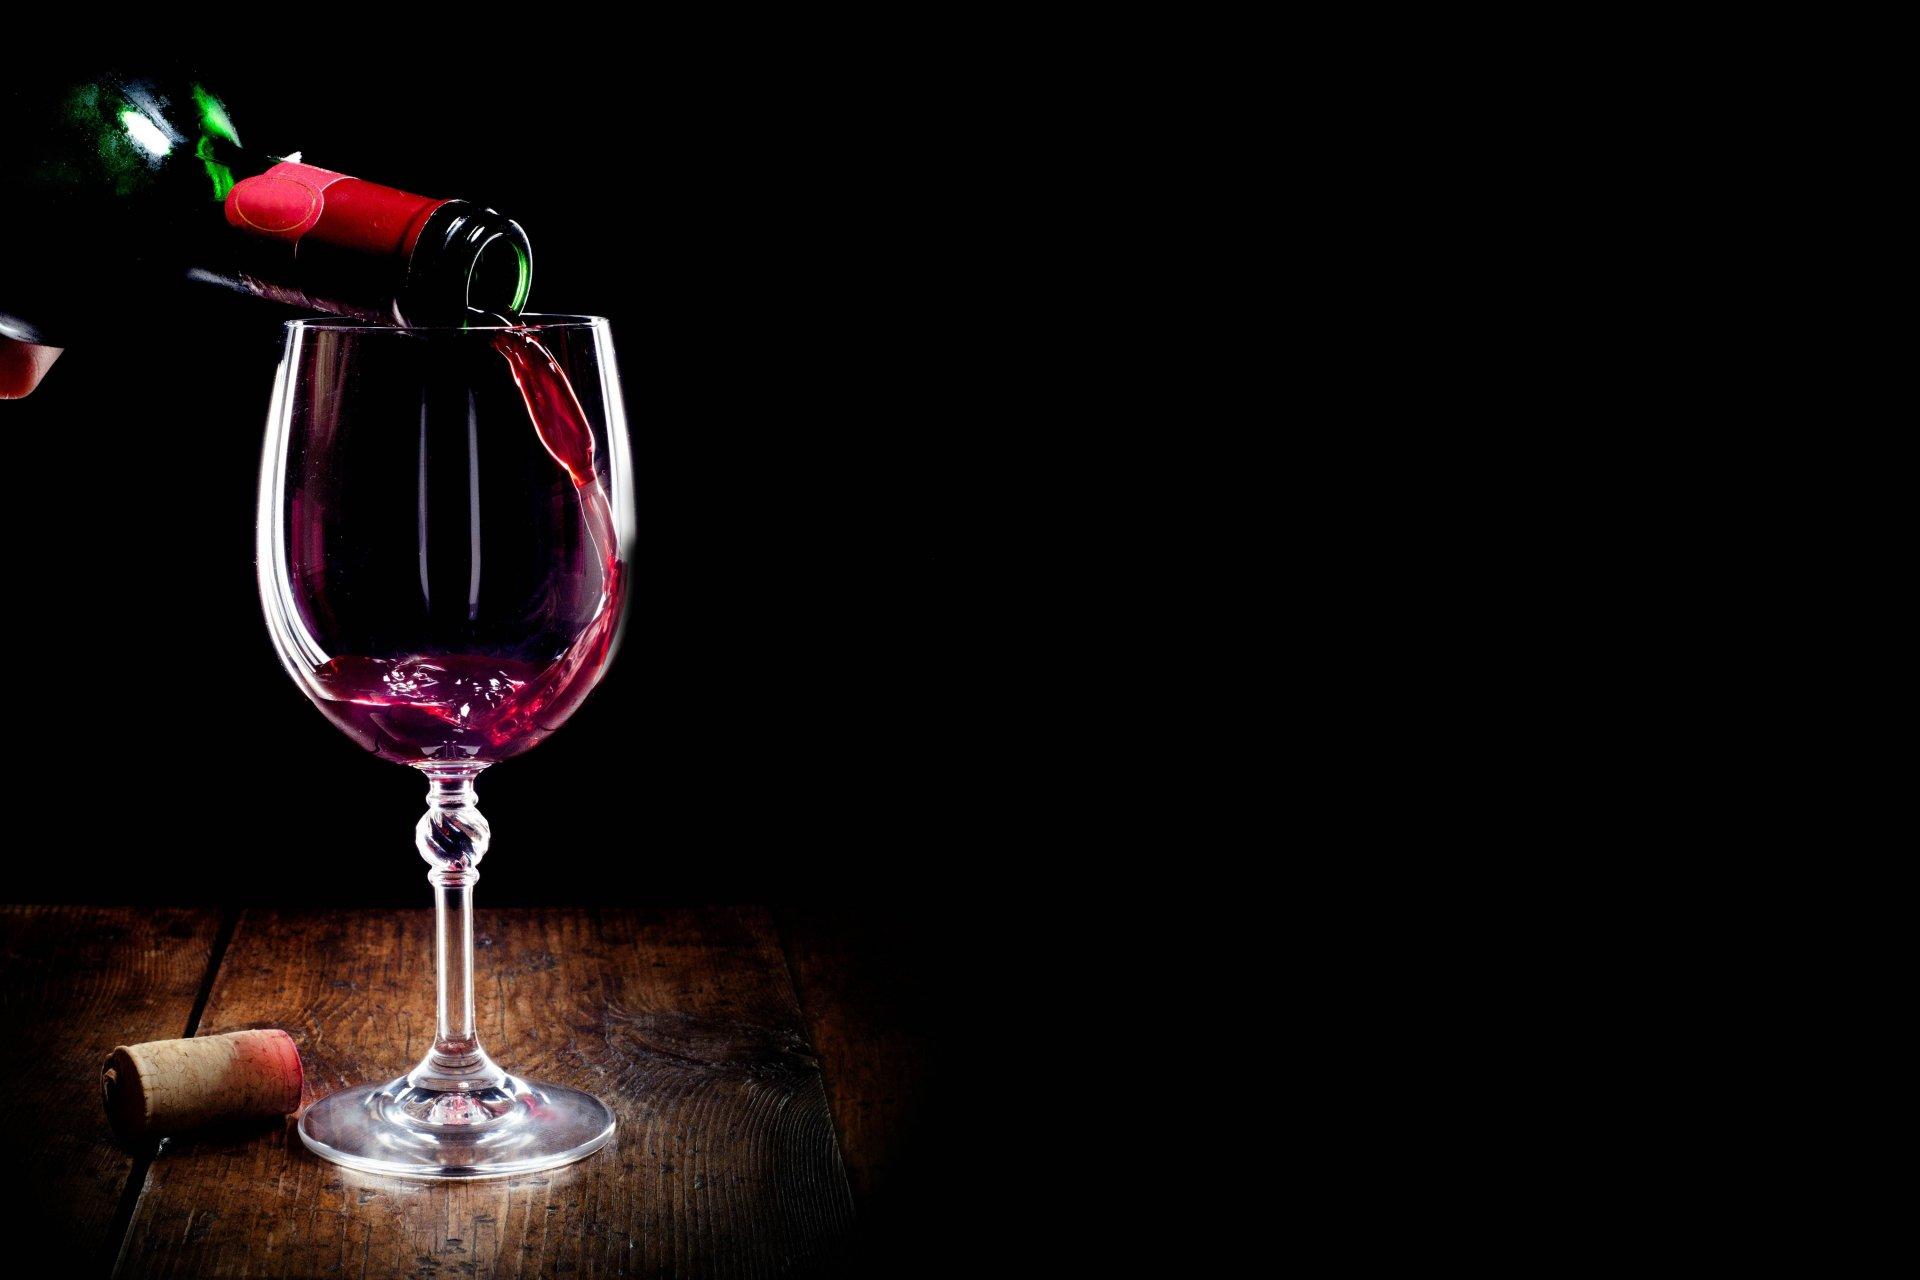 Обои бутылка, стол, бокал, вино, красное. Разное foto 11